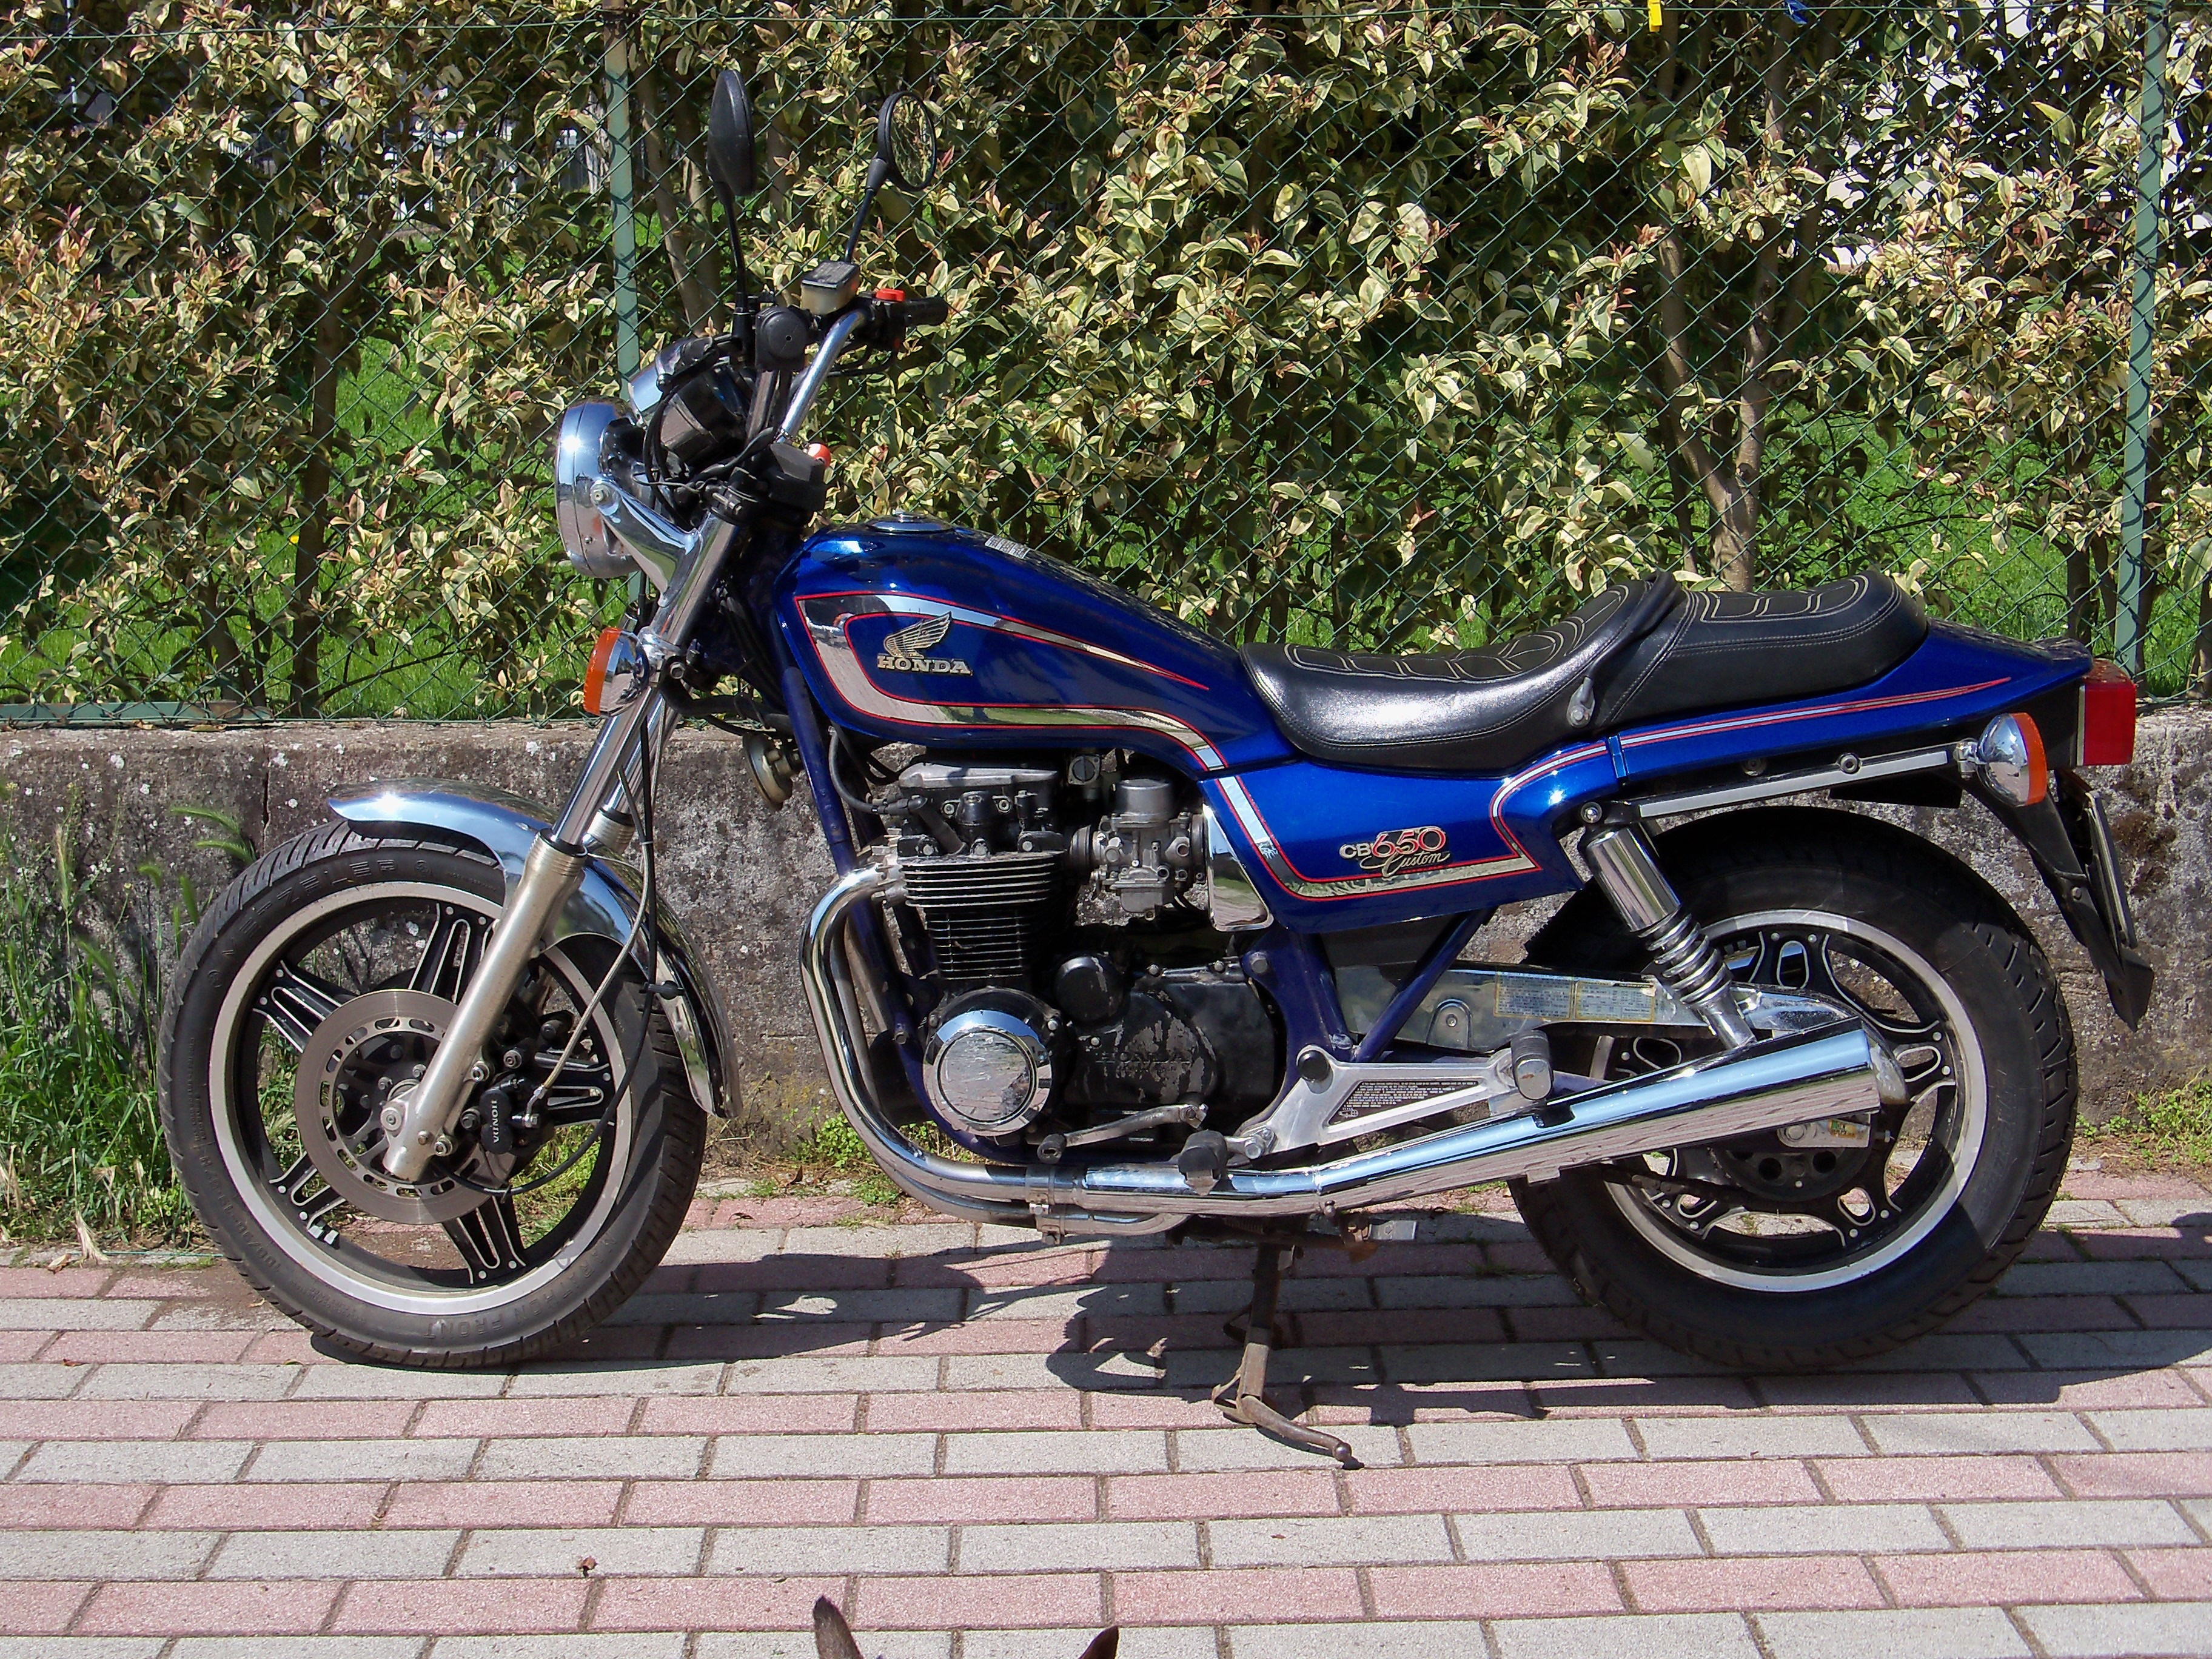 Honda CB650SC 1982 NIGHTHAWK 650 USA 1982 - from Ugo Davolio